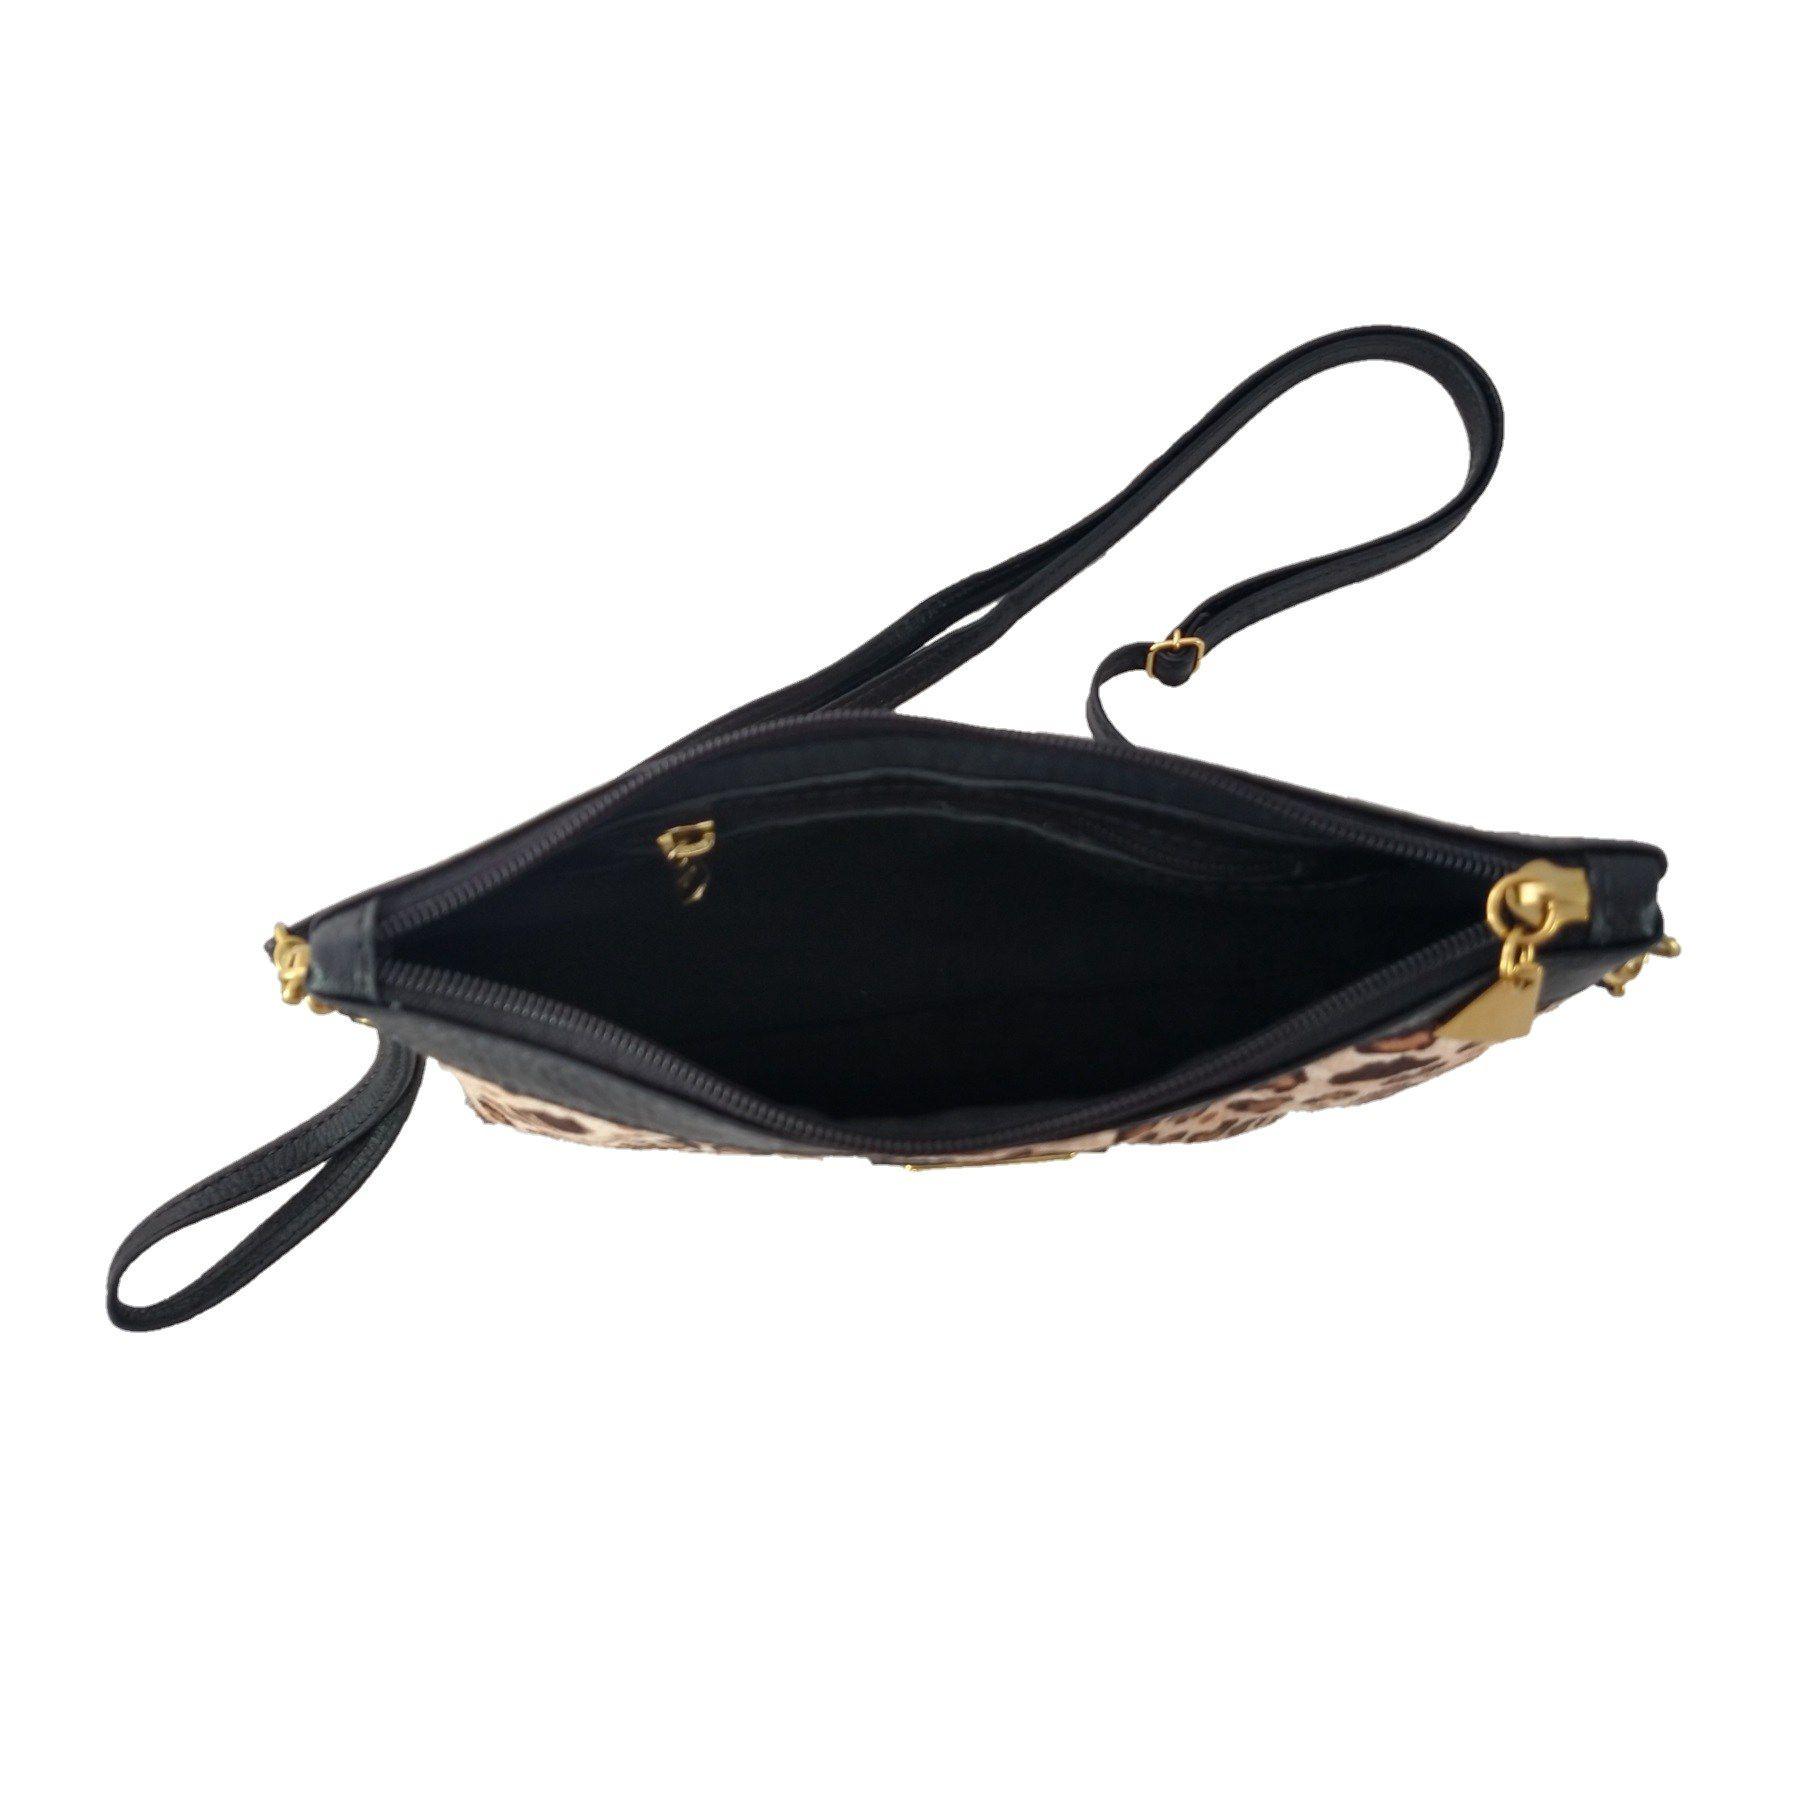 Bolsa Carteira Clutch TopGrife Transversal Couro Onça  - SAPATOWEB.COM